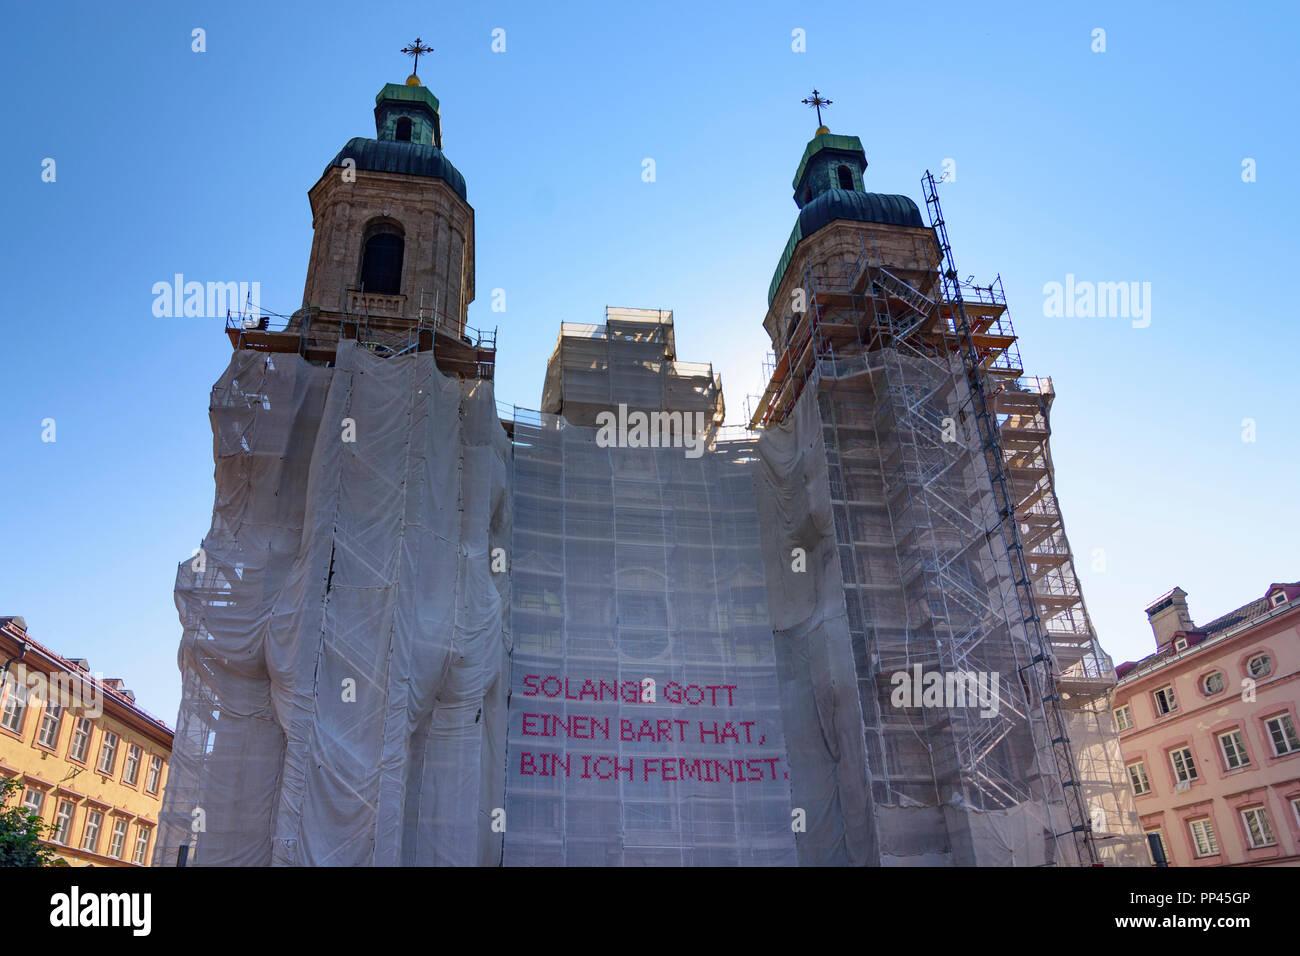 Innsbruck: cathedral Dom, art installation 'Solange Gott einen Bart hat, bin ich Feminist', Region Innsbruck, Tirol, Tyrol, Austria - Stock Image